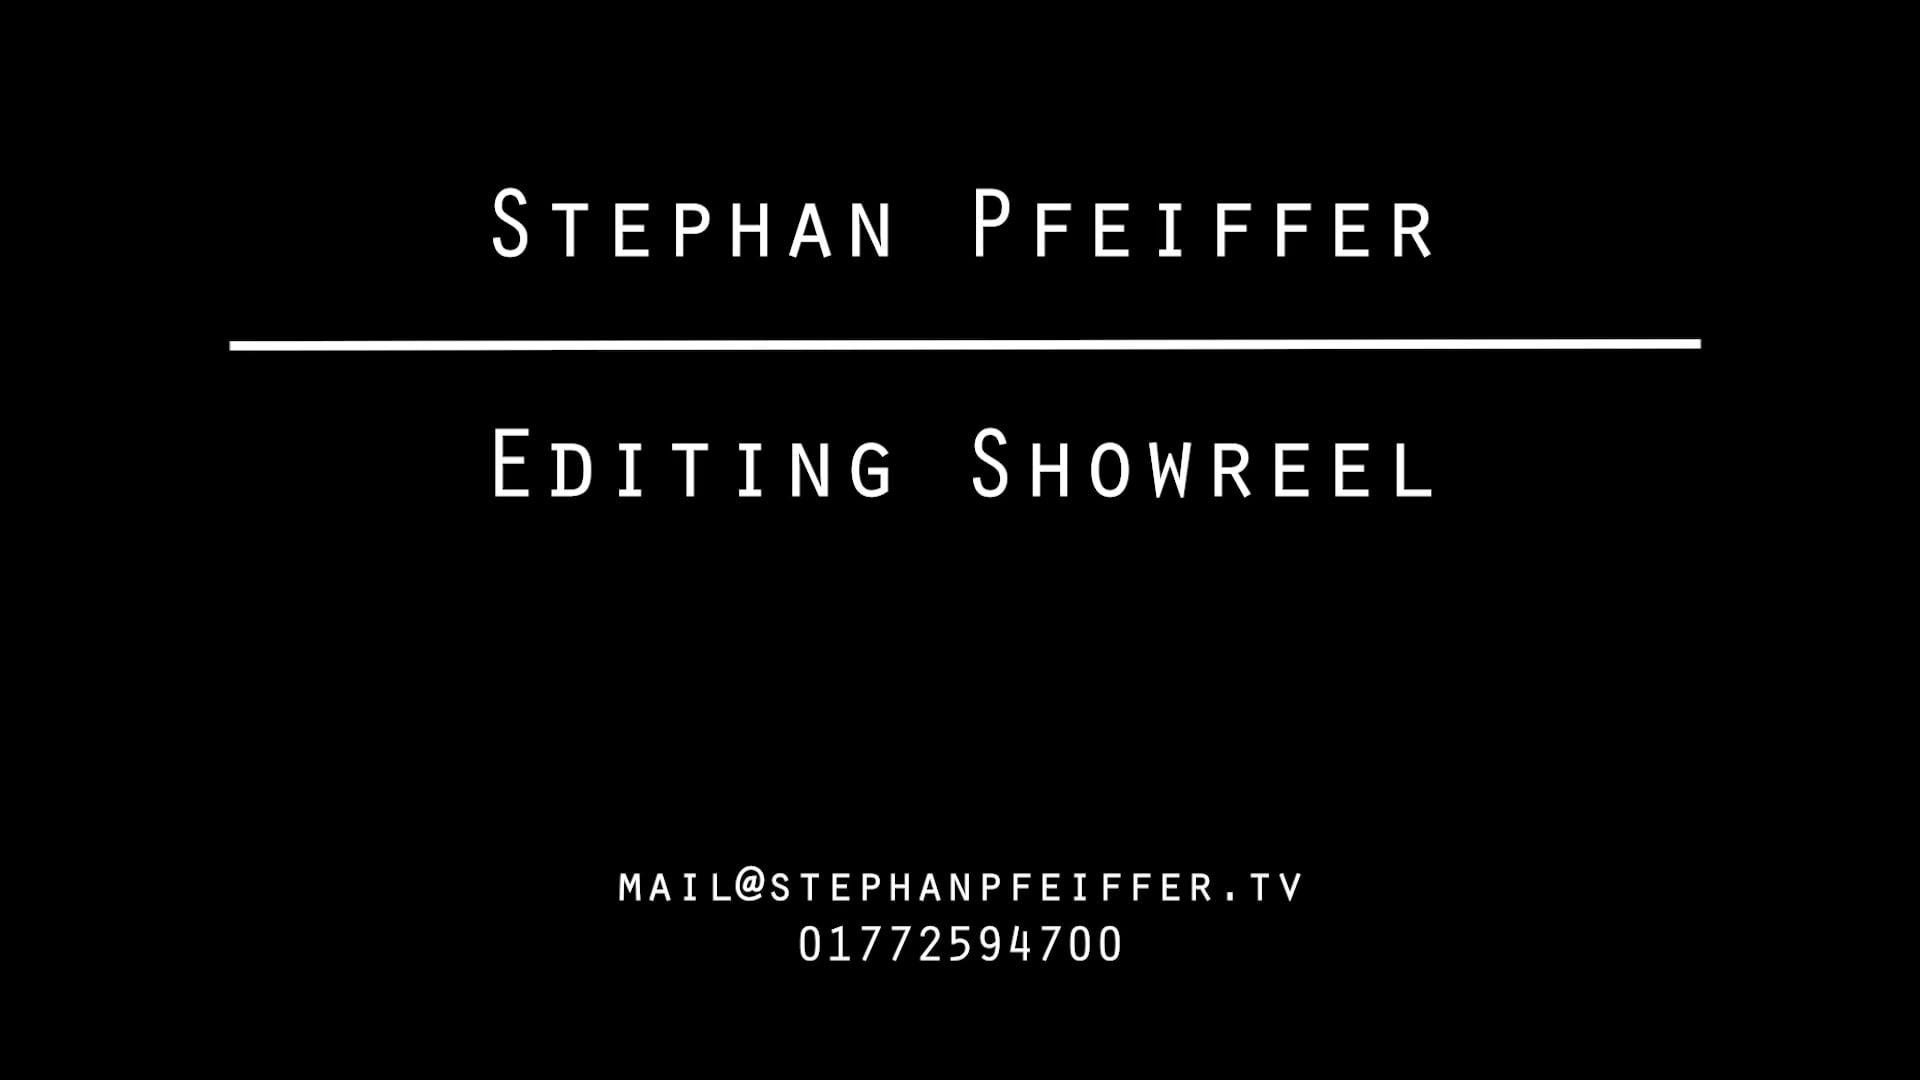 Stephan Pfeiffer Schnitt / Editing Showreel